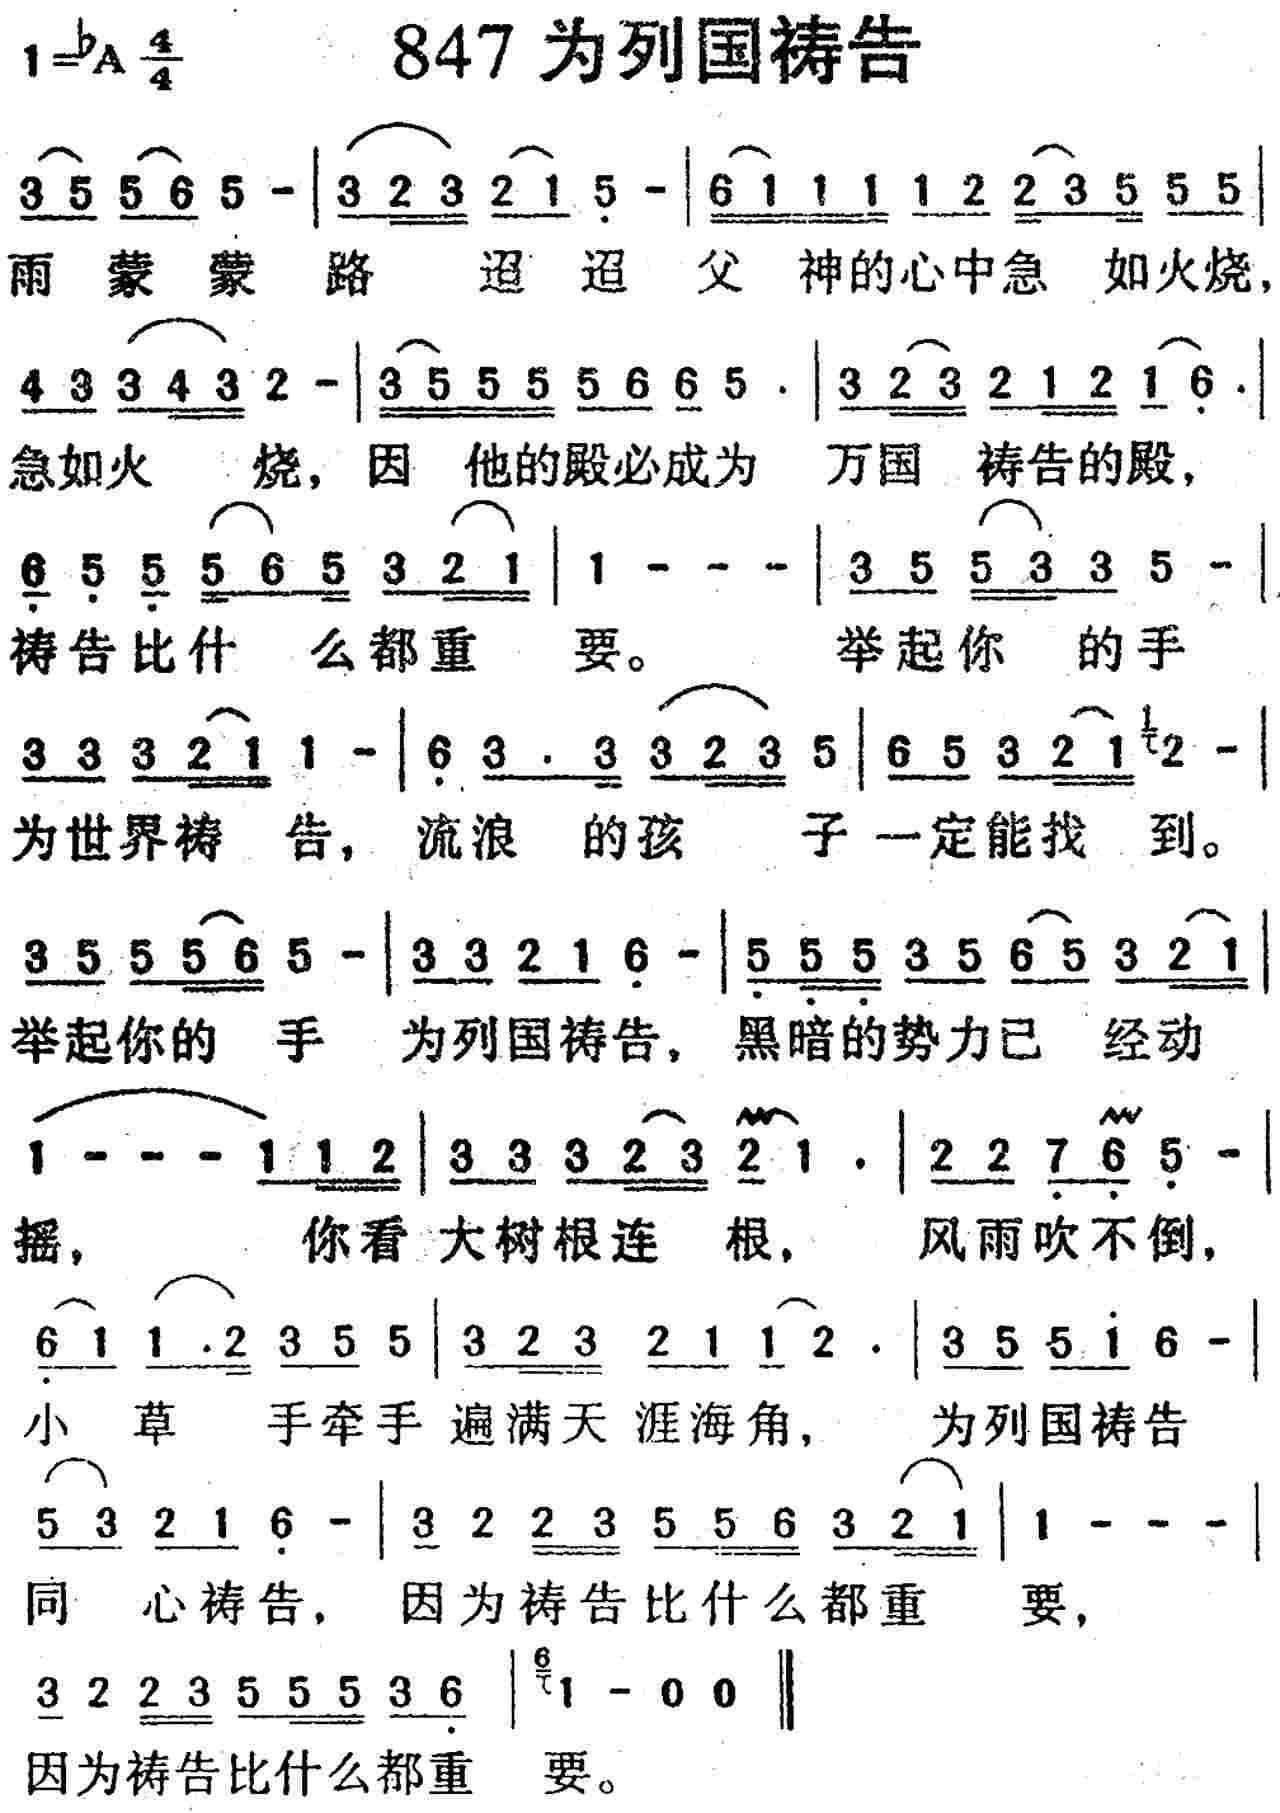 第847首 -为列国祷告简谱(图1)